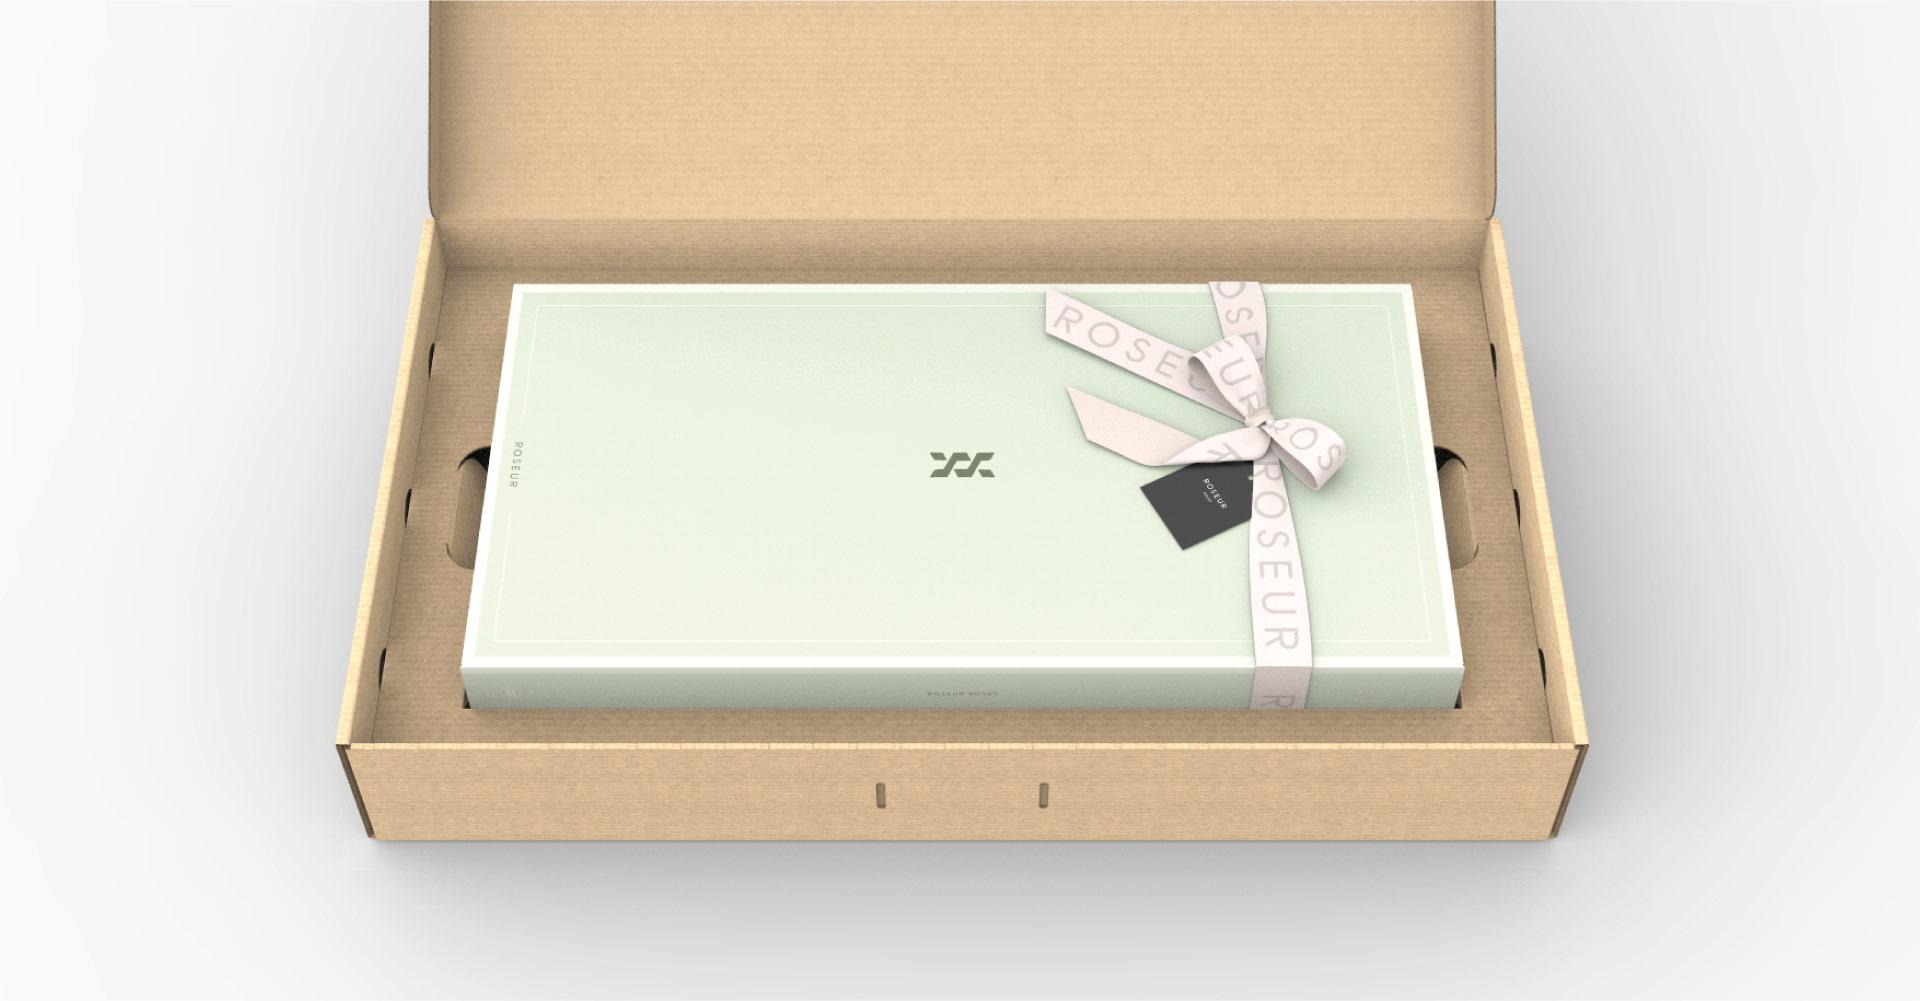 Creative_Retail_Packaging_Custom_Luxury_Packaging_Design_Roseur_08-1.jpg